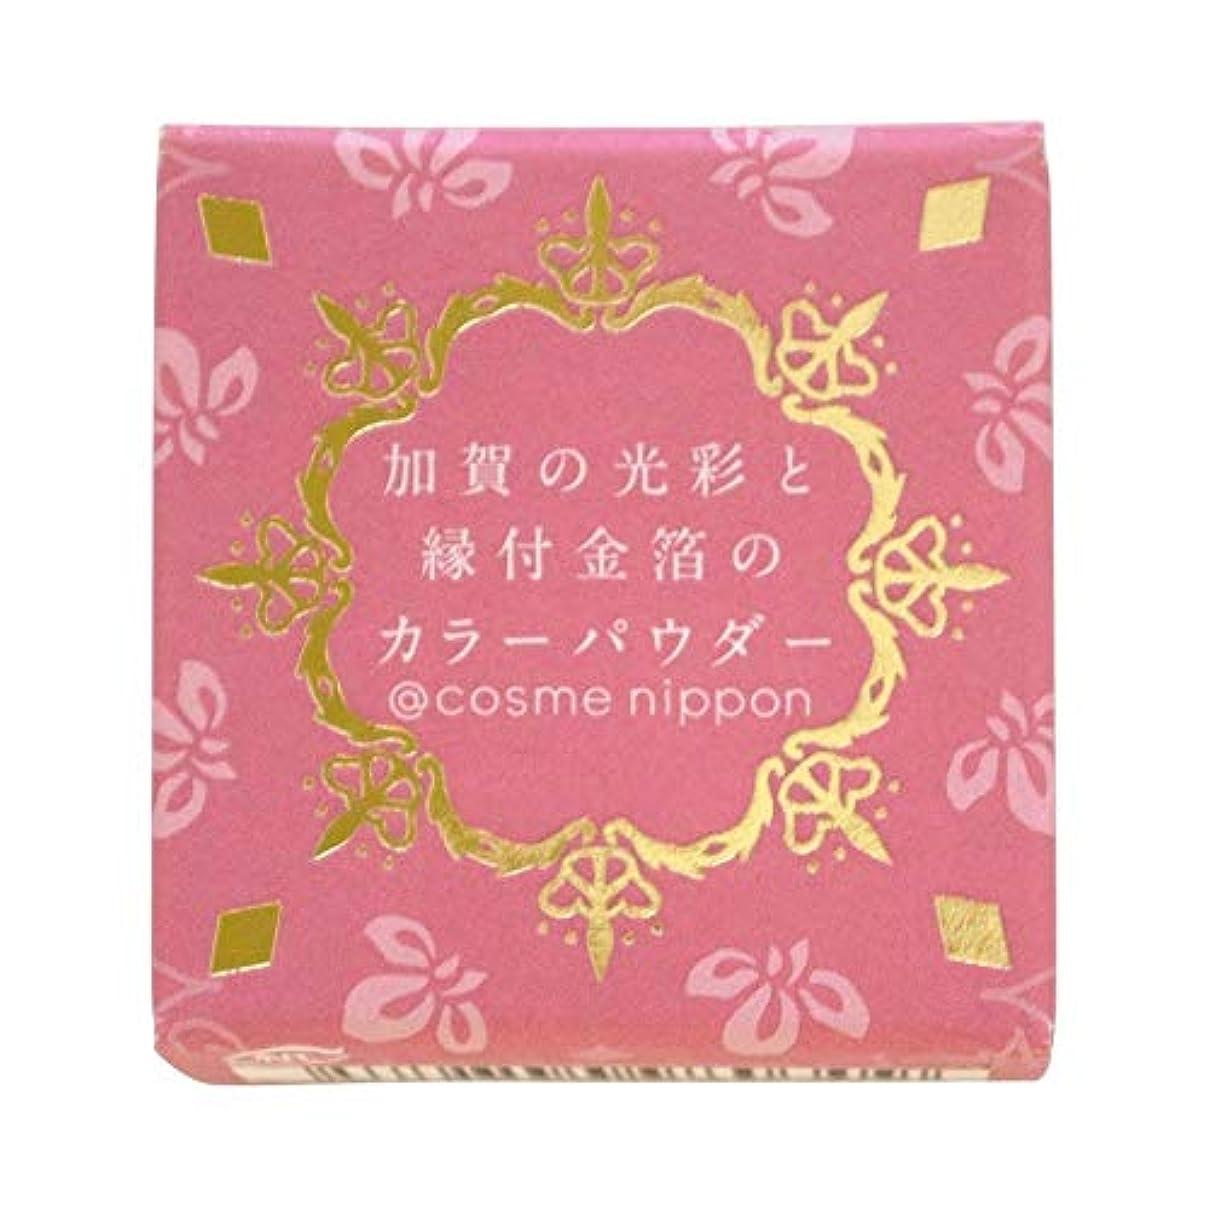 線形気分が良い傘友禅工芸 すずらん加賀の光彩と縁付け金箔のカラーパウダー06古代紫こだいむらさき